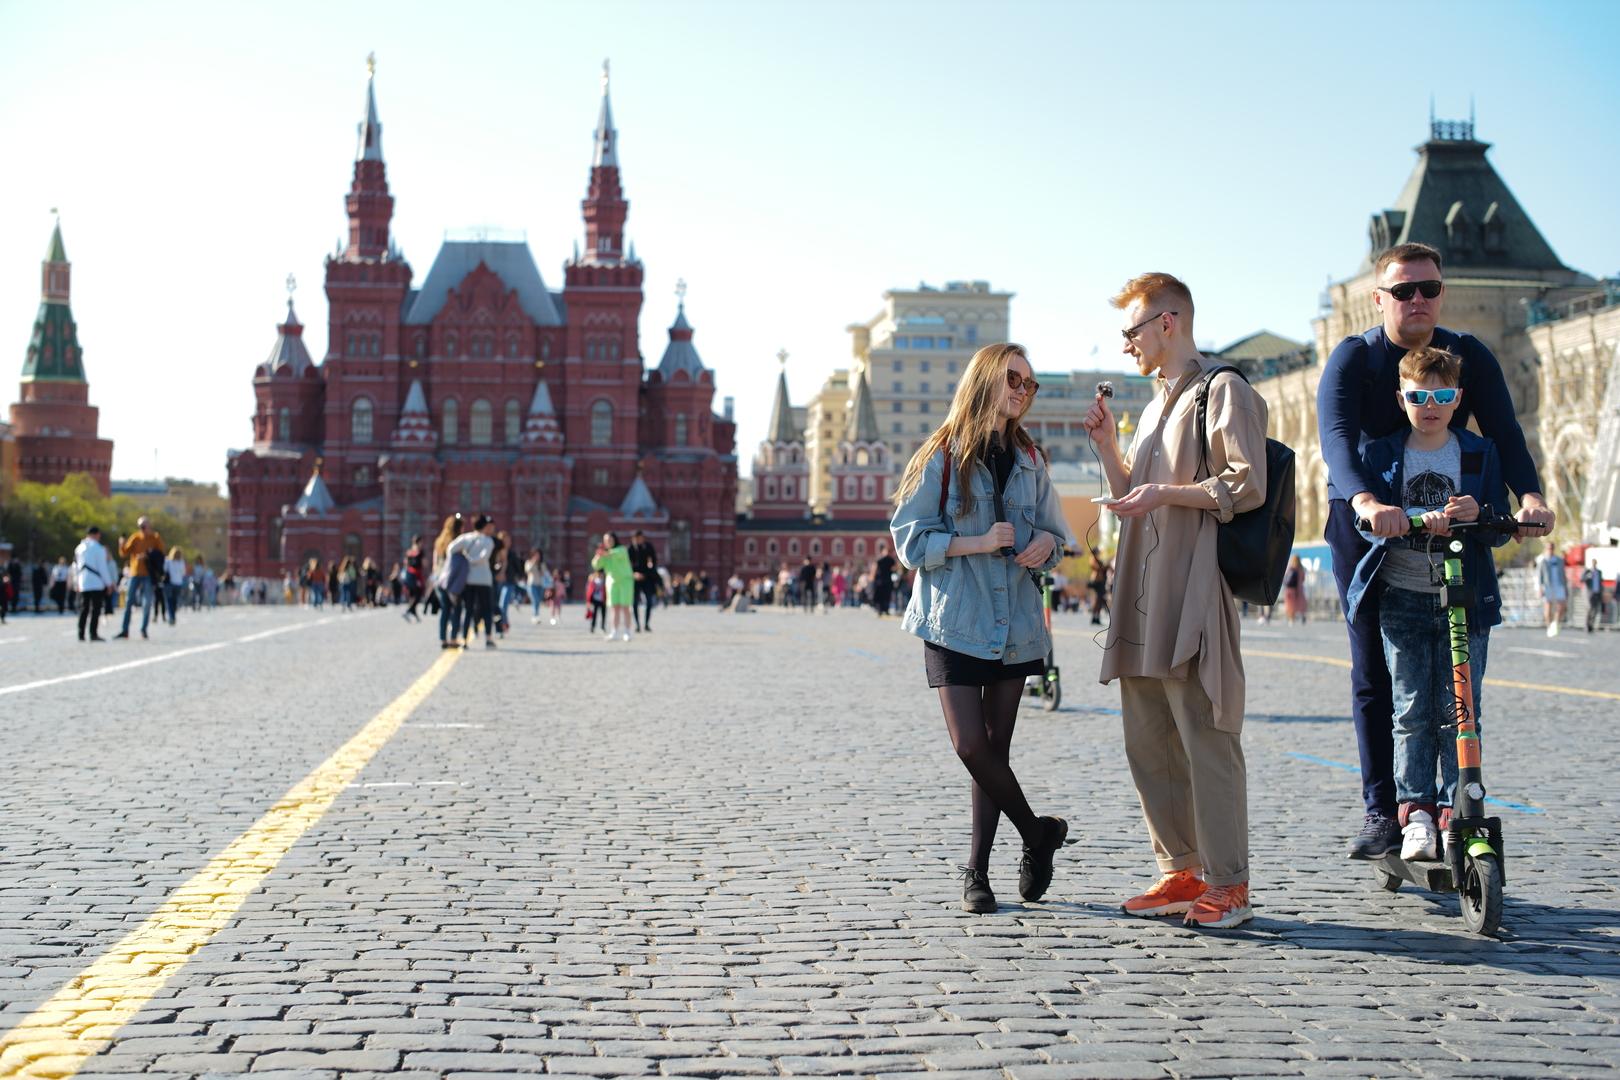 شرطة موسكو توقف رساما قام بمحاكاة عملية انتحاره بطلق ناري في الساحة الحمراء